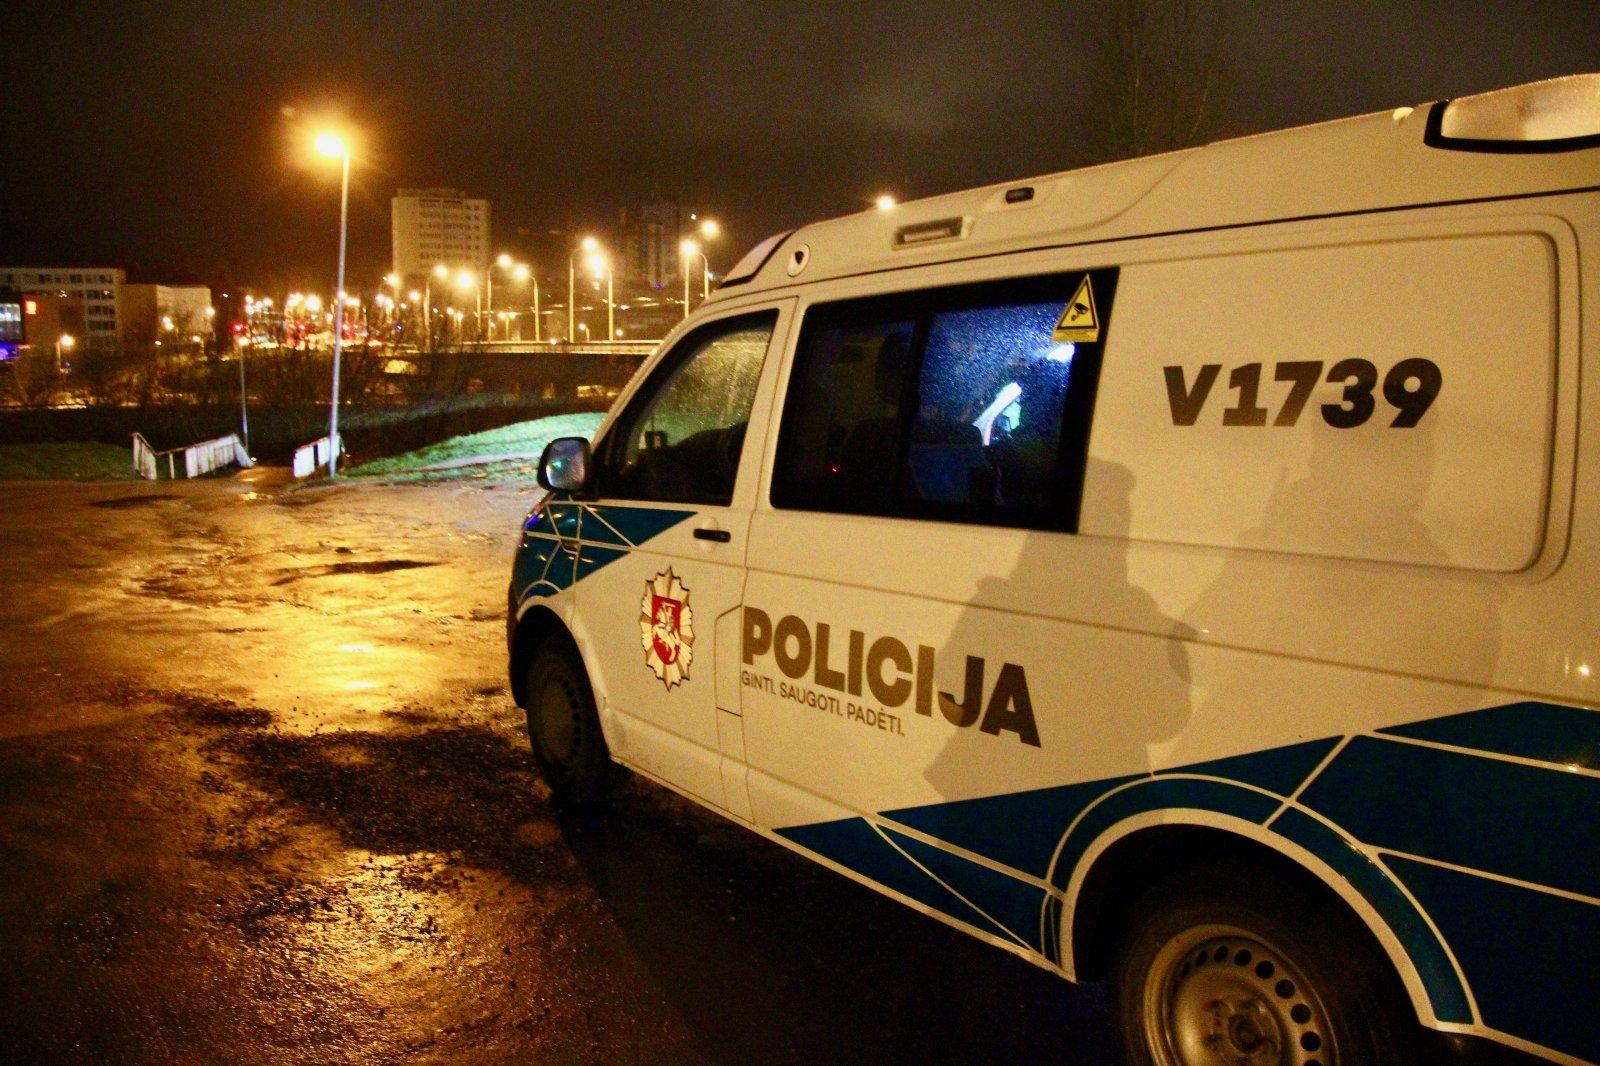 В Риге задержан подозреваемый в убийстве своей 31-летней сожительницы и ее ребёнка